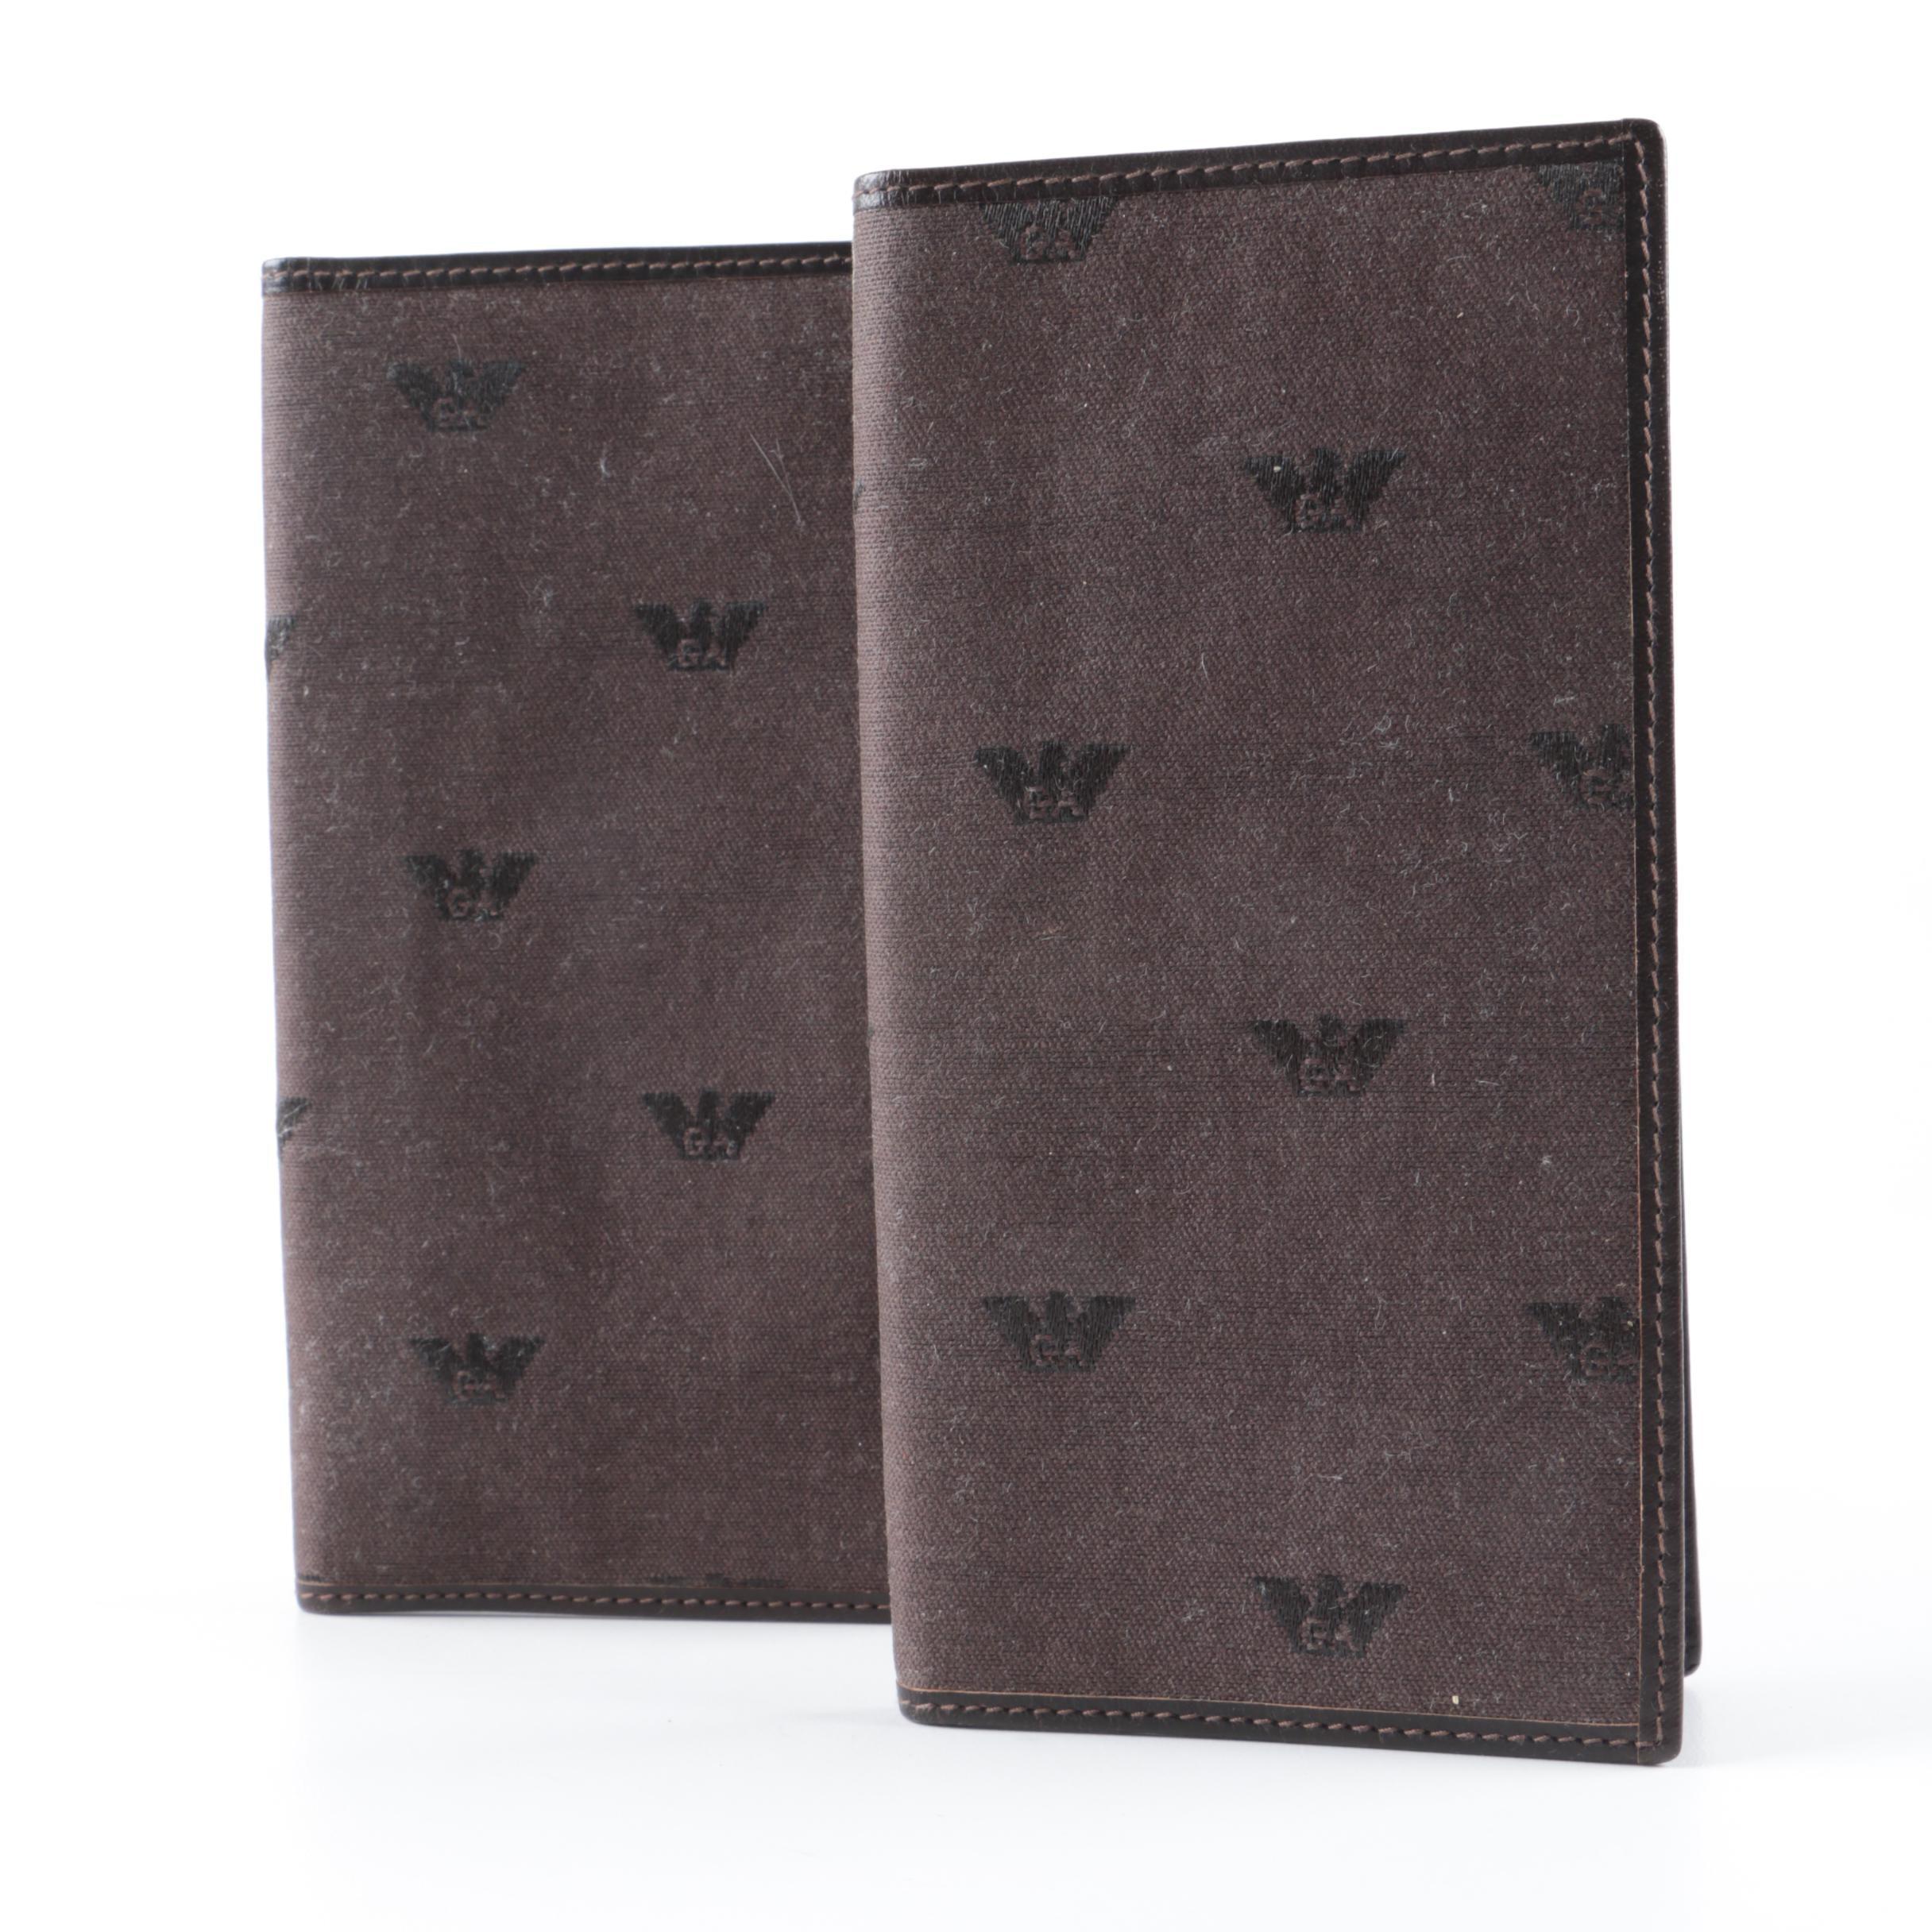 Emporio Armani Checkbook Covers